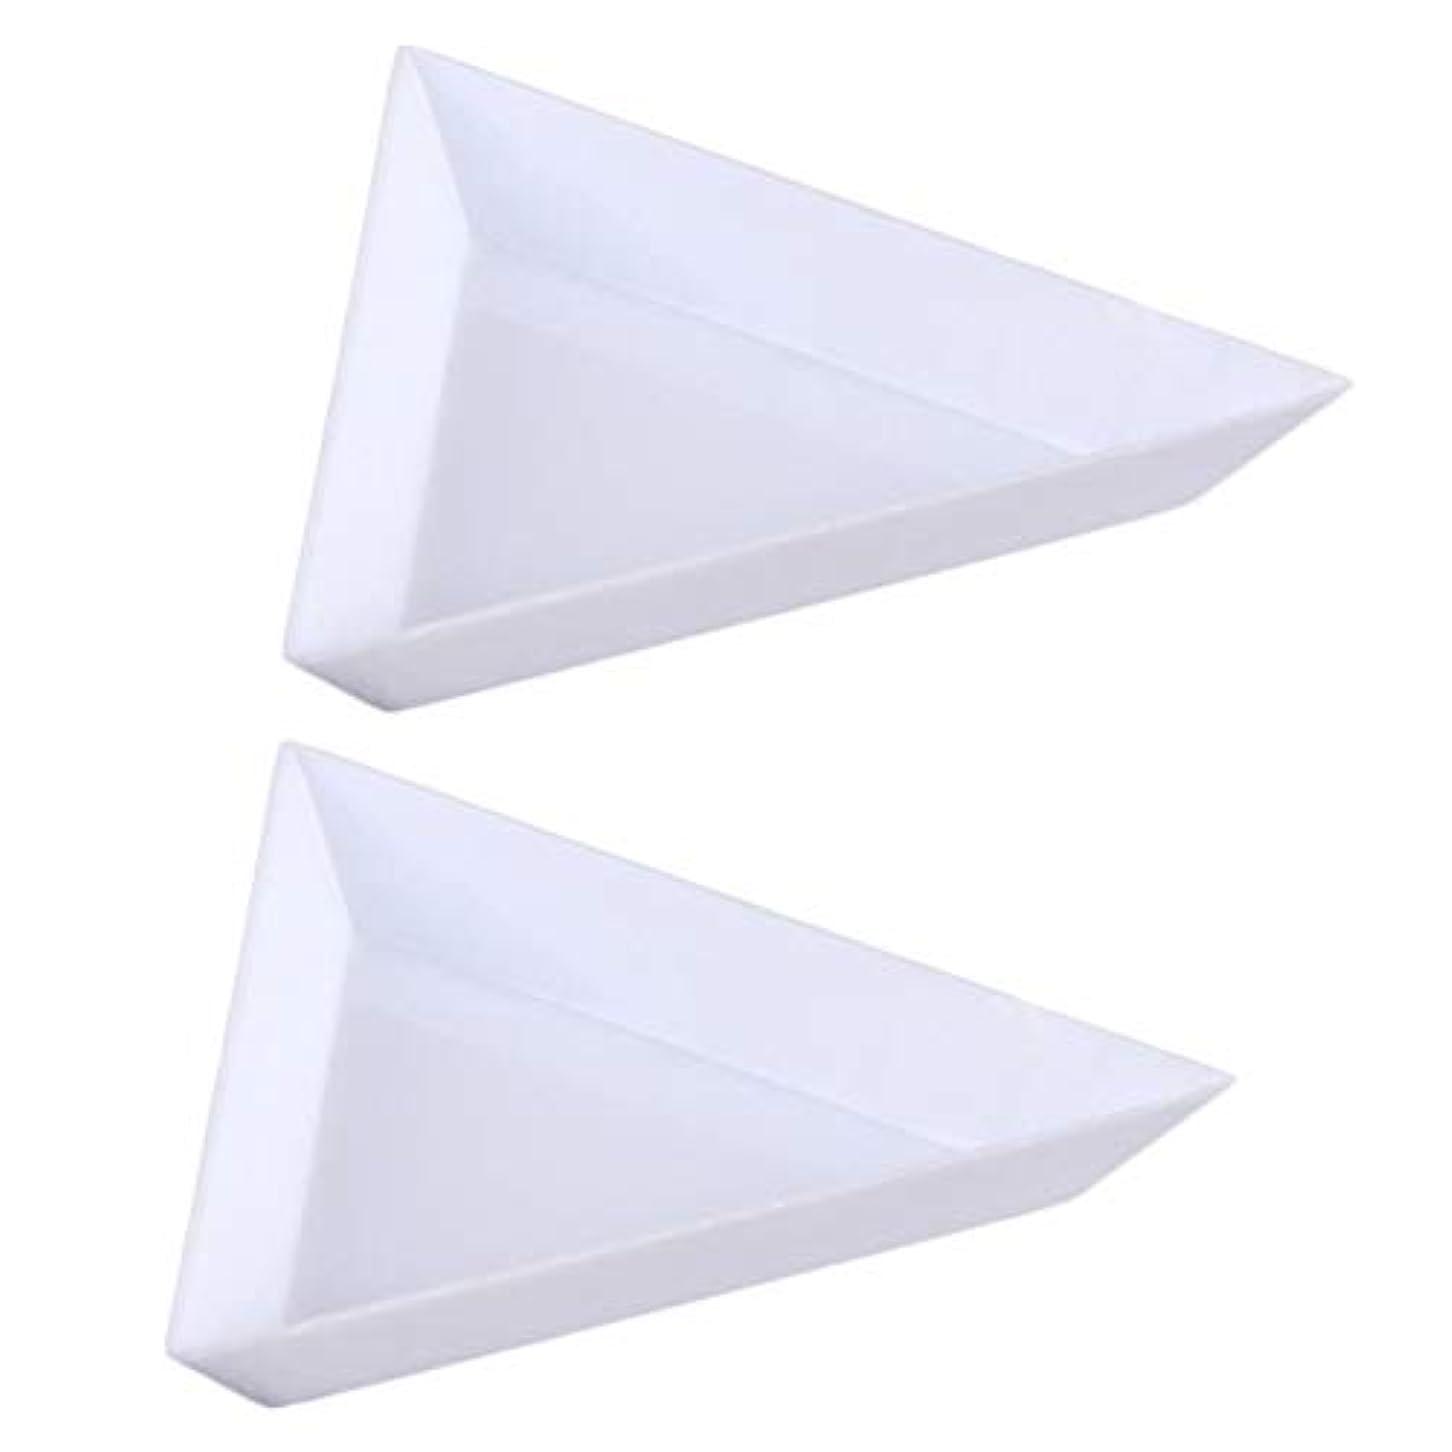 無声で災害ステーキVaorwne 10個三角コーナープラスチックラインストーンビーズ 結晶 ネイルアートソーティングトレイアクセサリー白 DiyネイルアートデコレーションDotting収納トレイ オーガニゼーションに最適